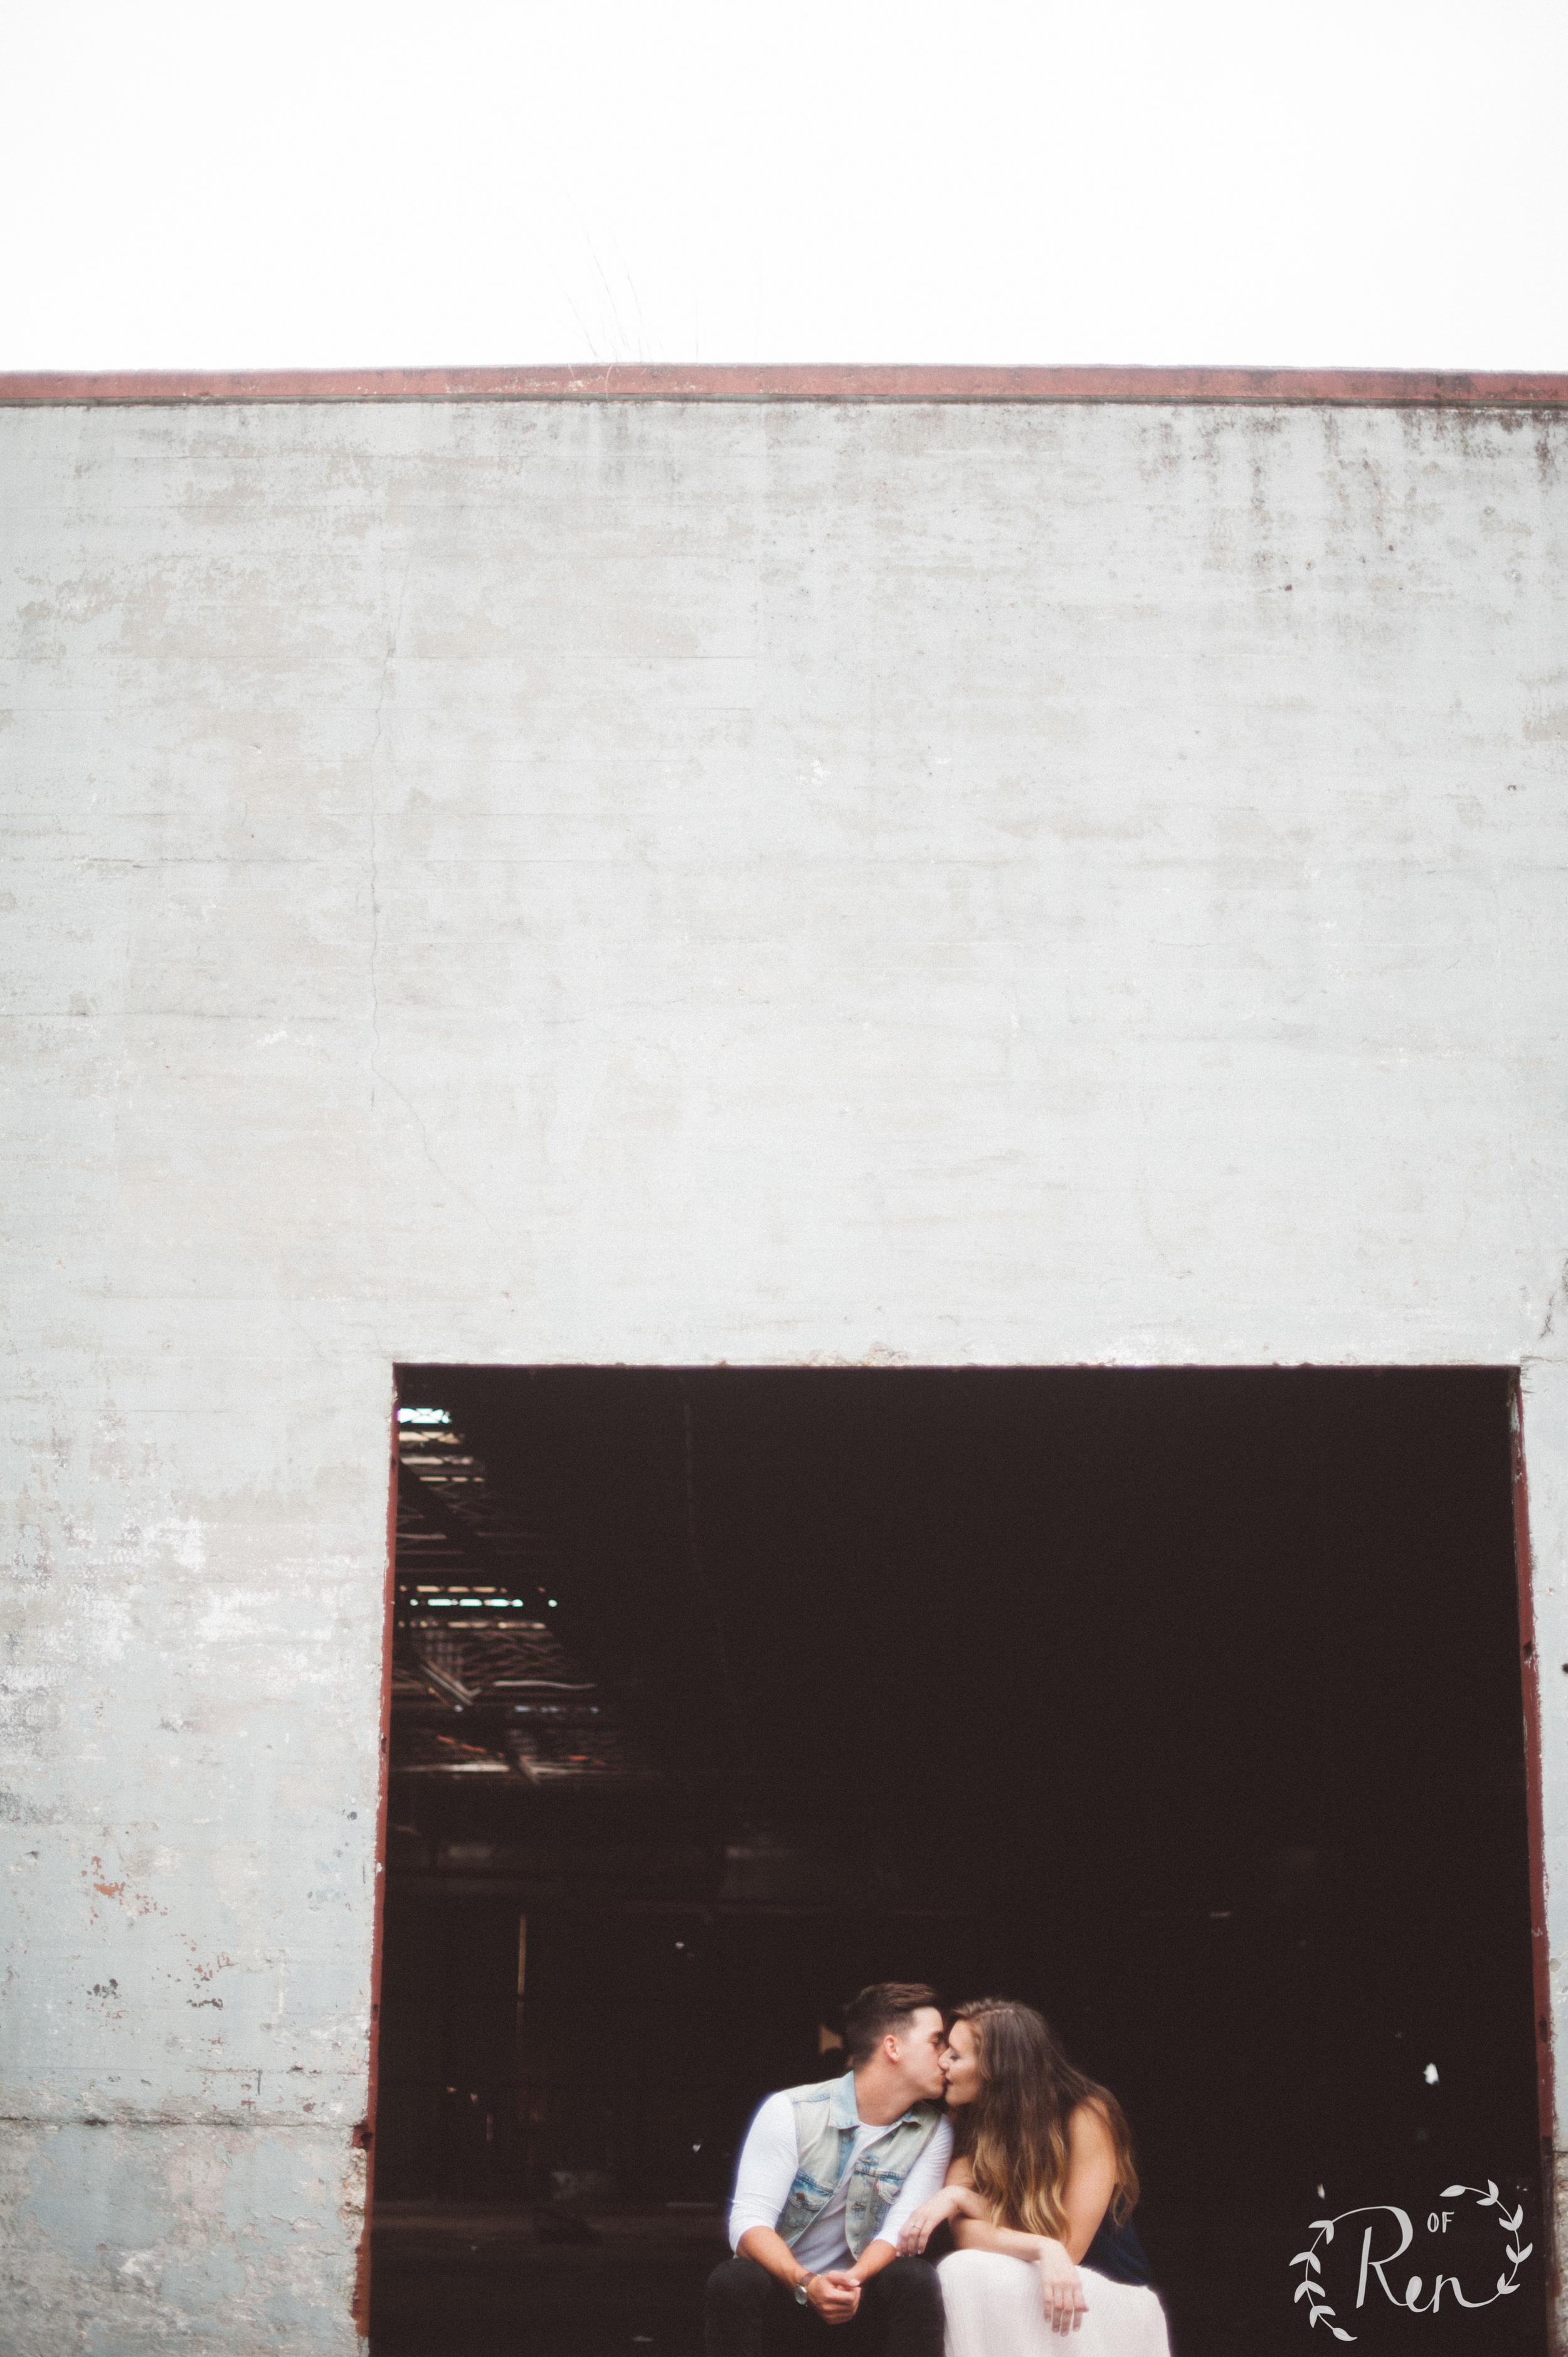 ofRen_EngagementPhotos_lensofren-40.jpg